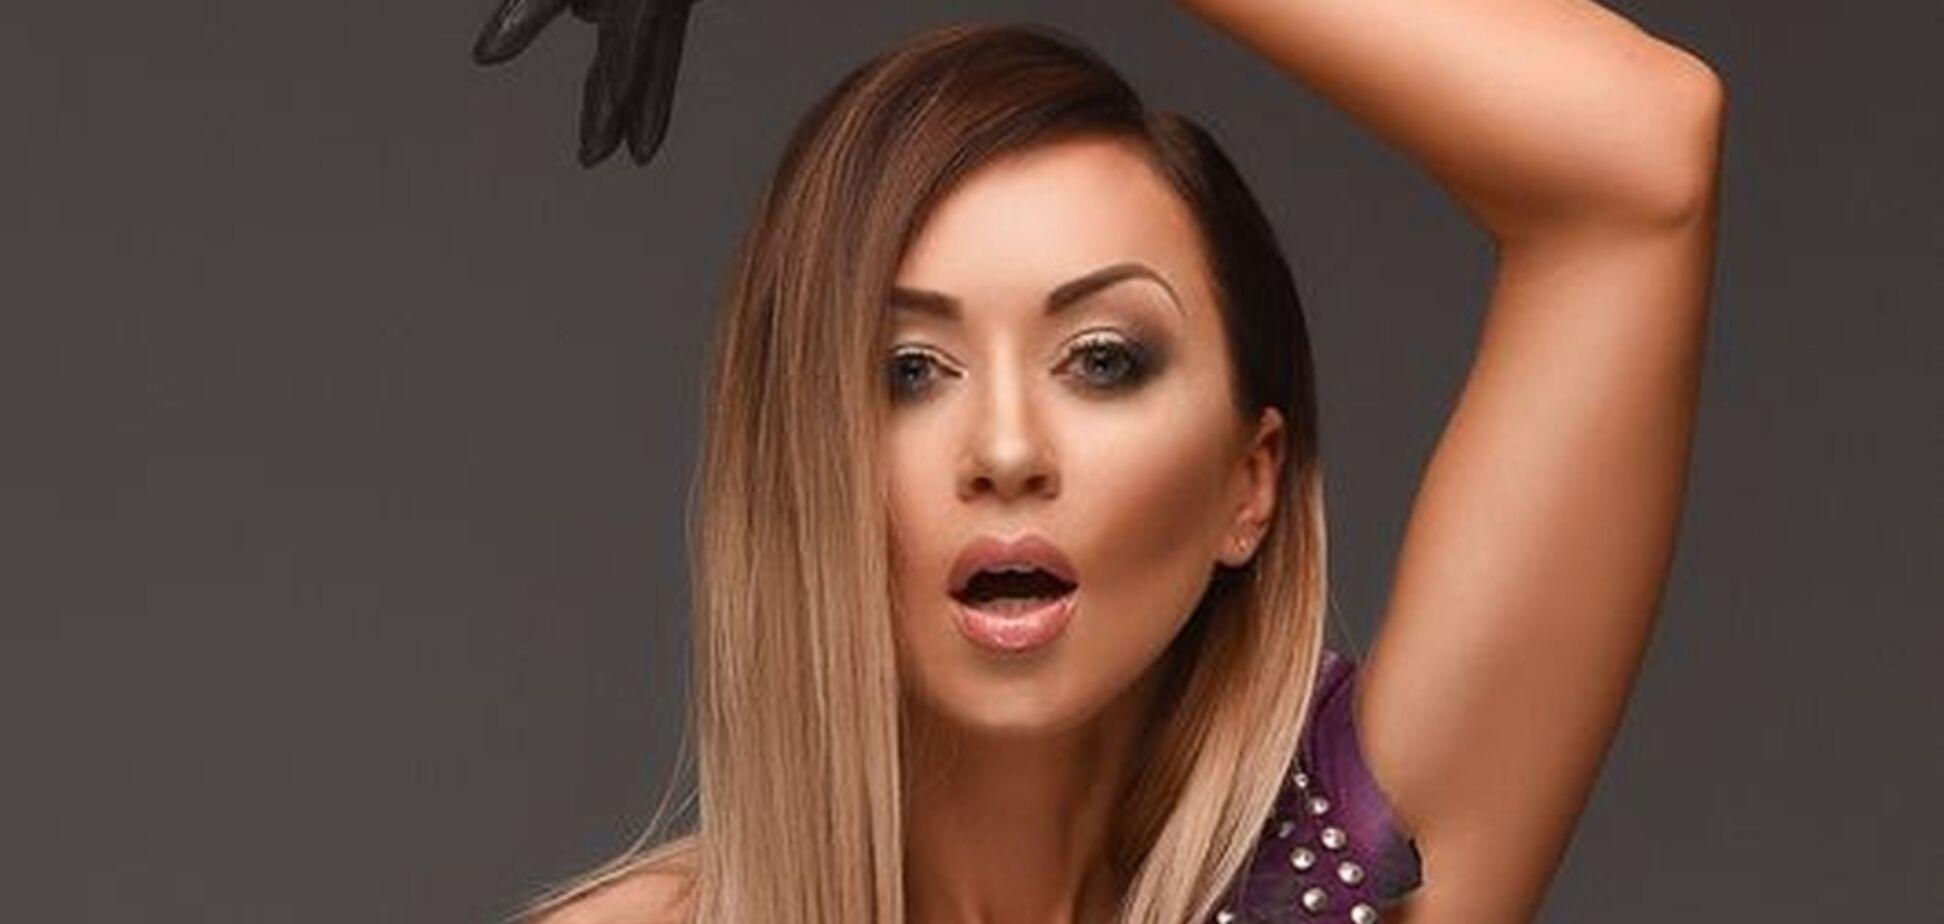 ''Осознанно делаю этот шаг'': украинская певица решилась на операцию